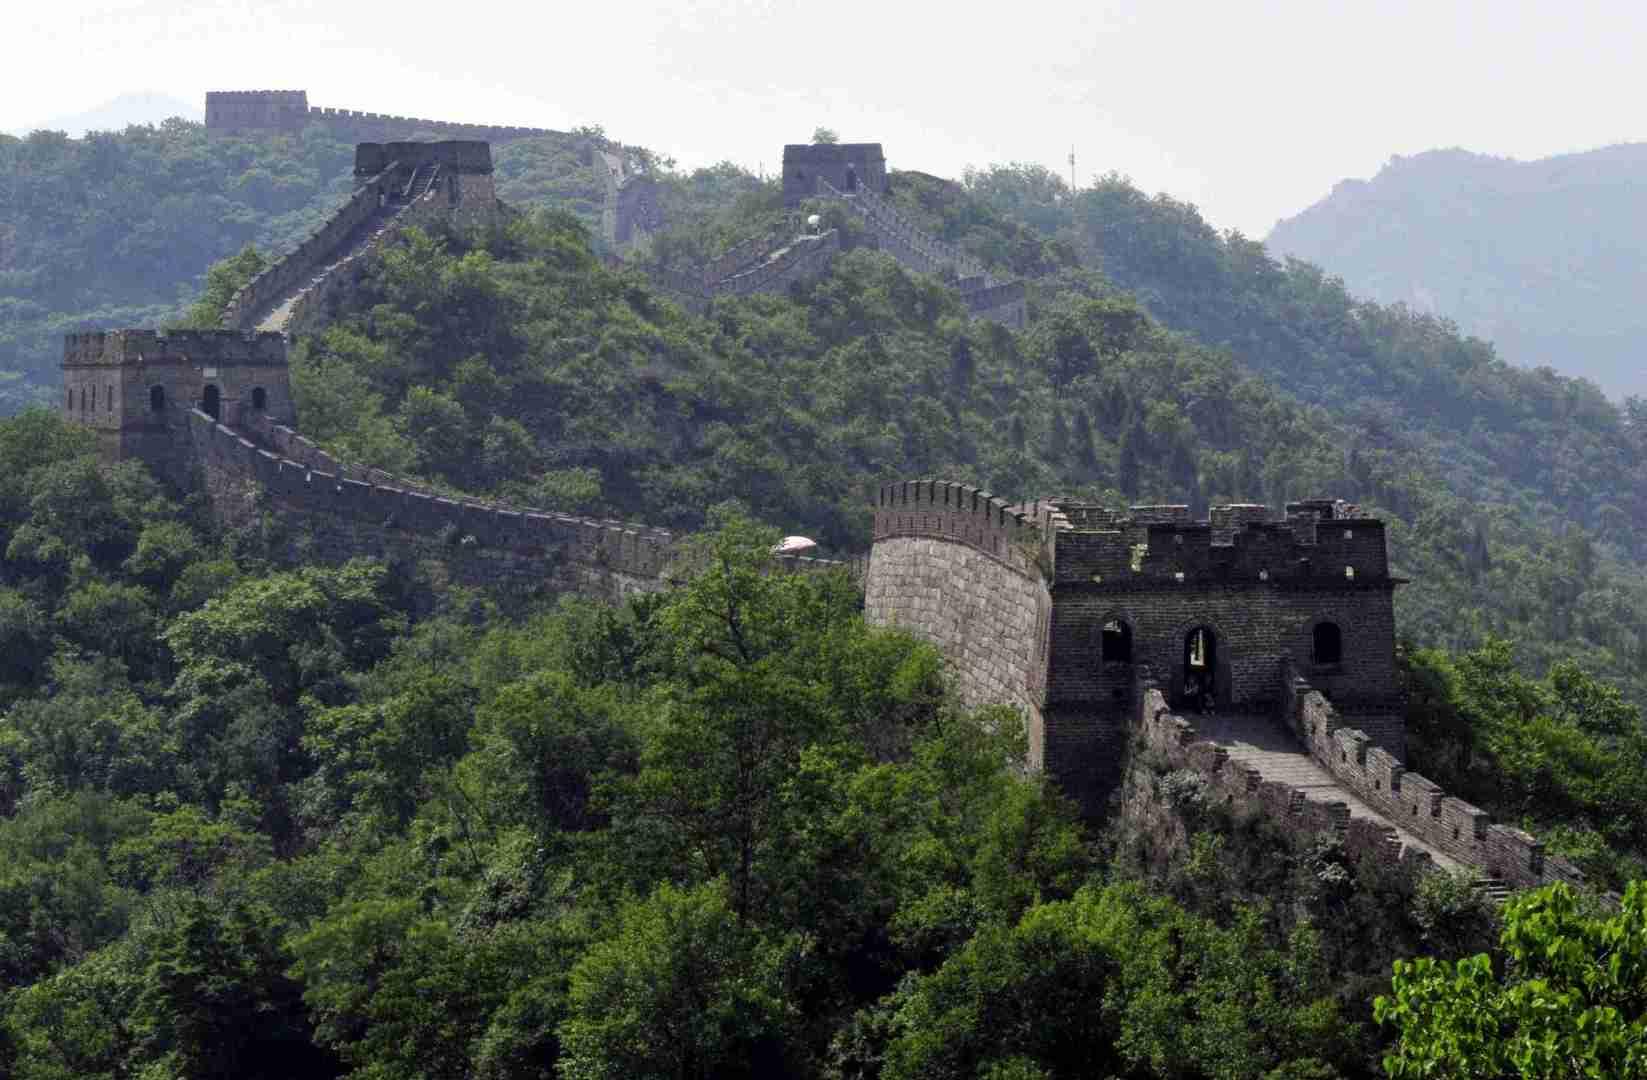 北京到慕田峪长城的租车价格